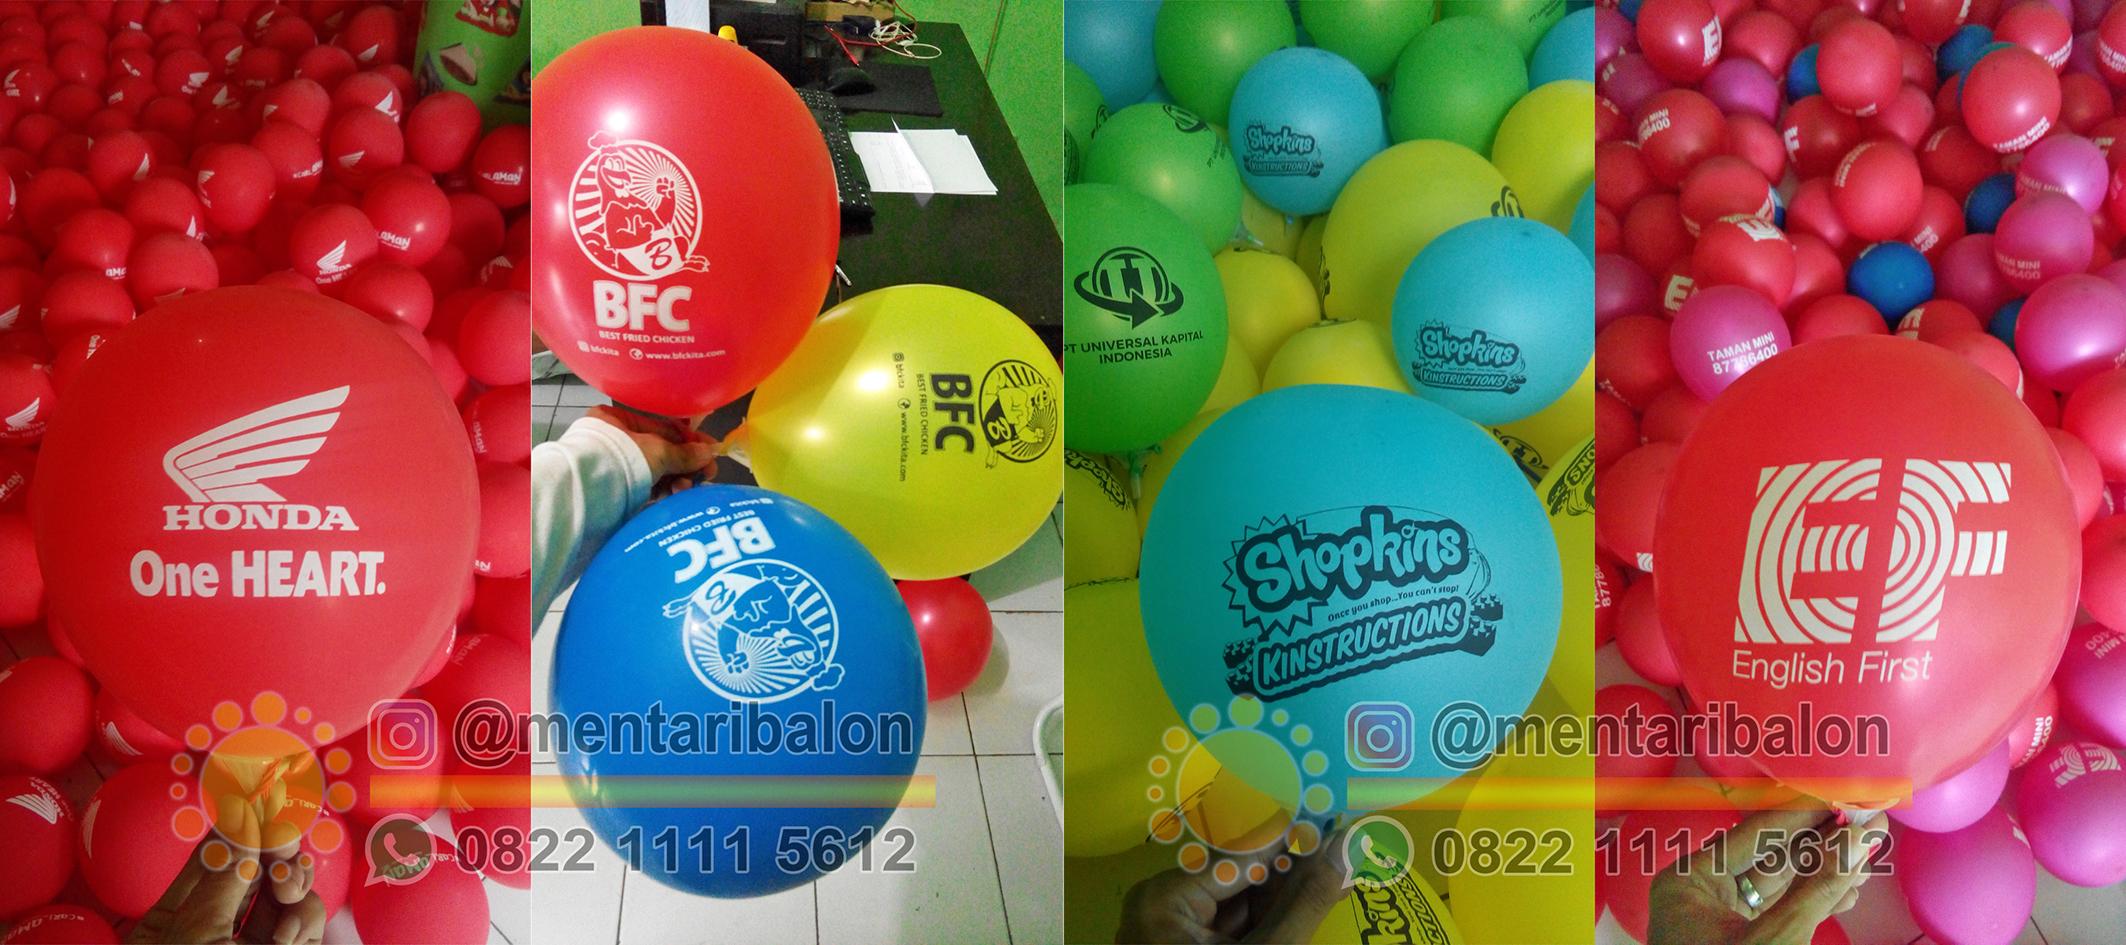 balon sablon surabaya